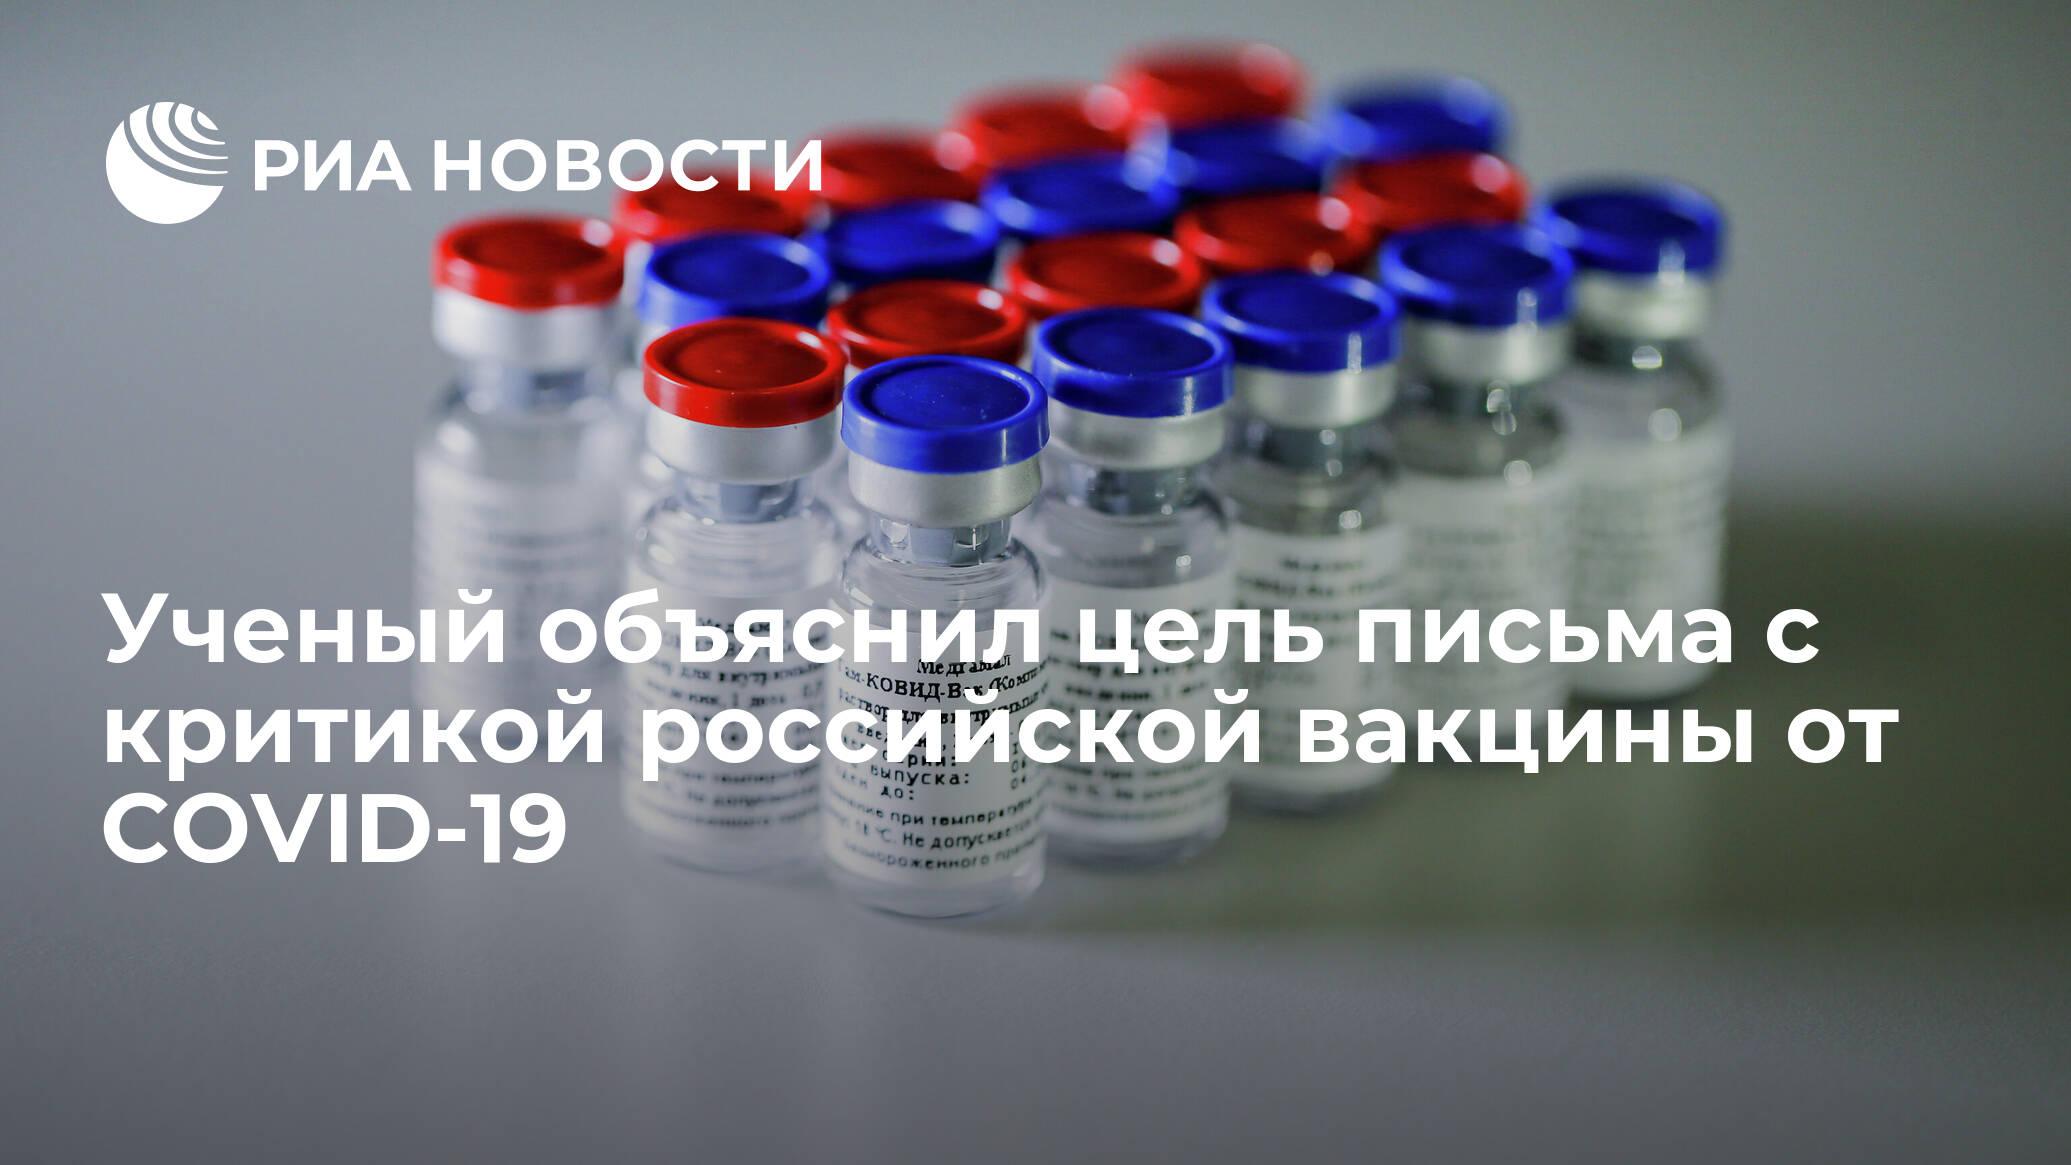 Ученый объяснил цель письма с критикой российской вакцины от COVID-19